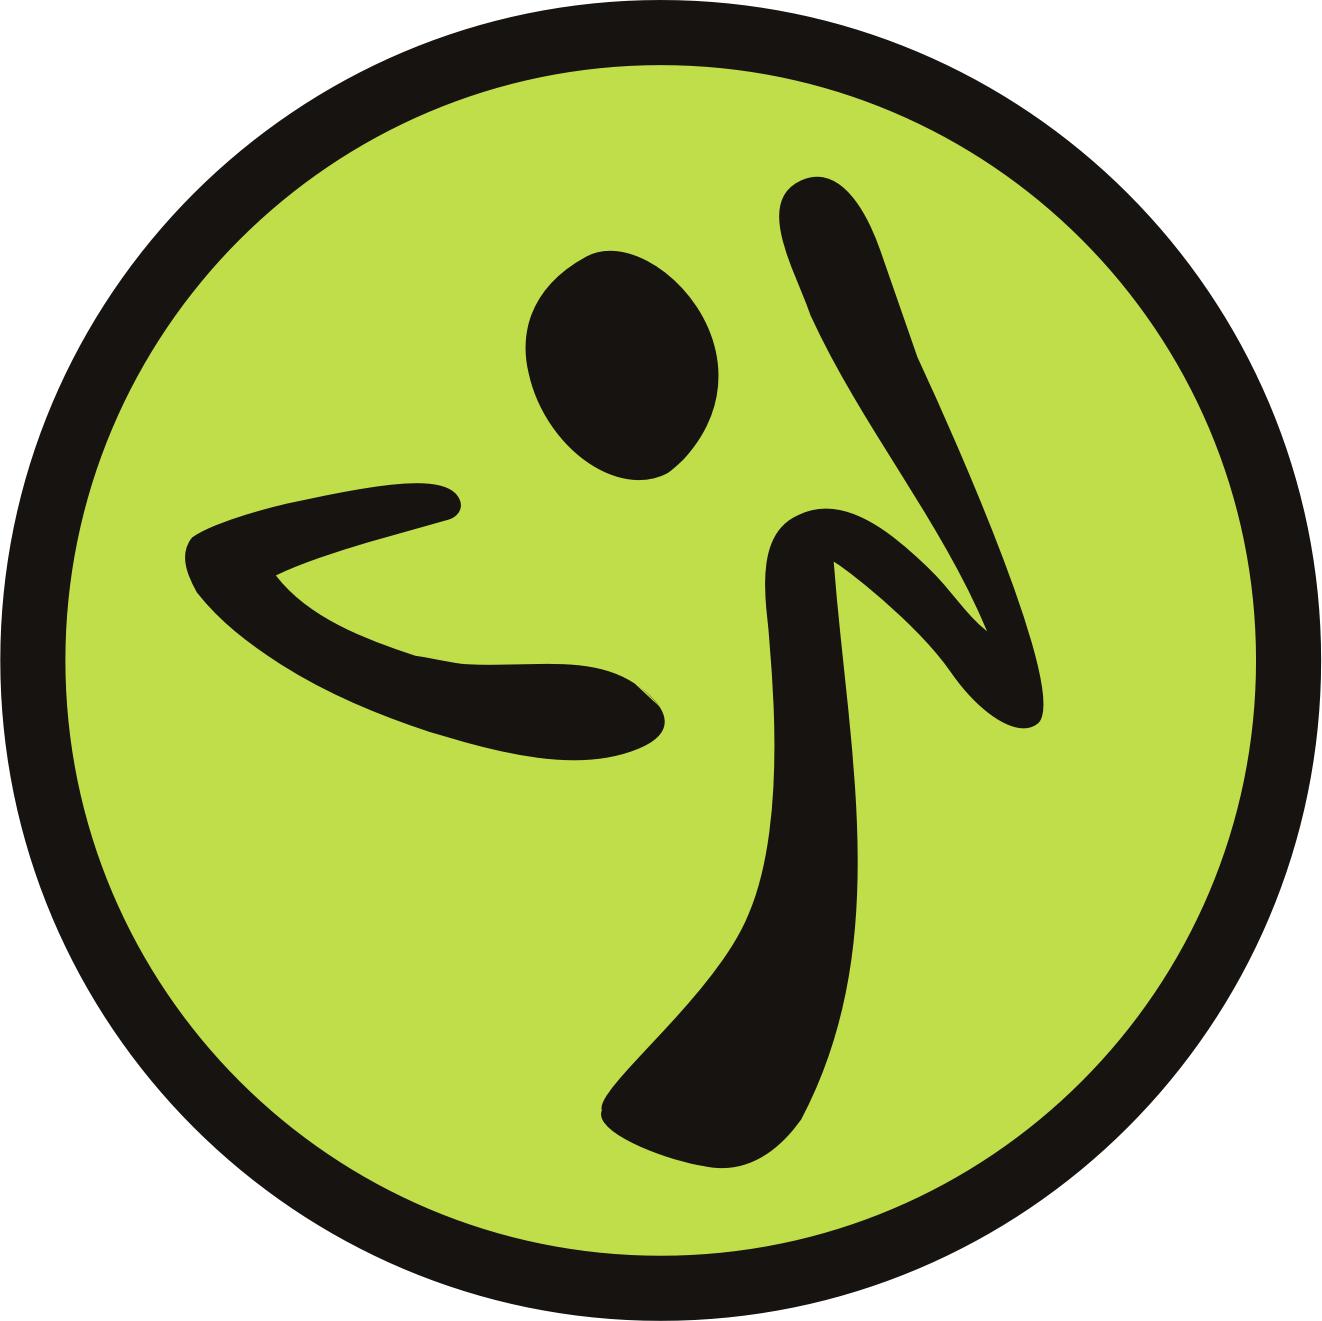 zumba update rh collegeparkchurch com zumba fitness logo vector